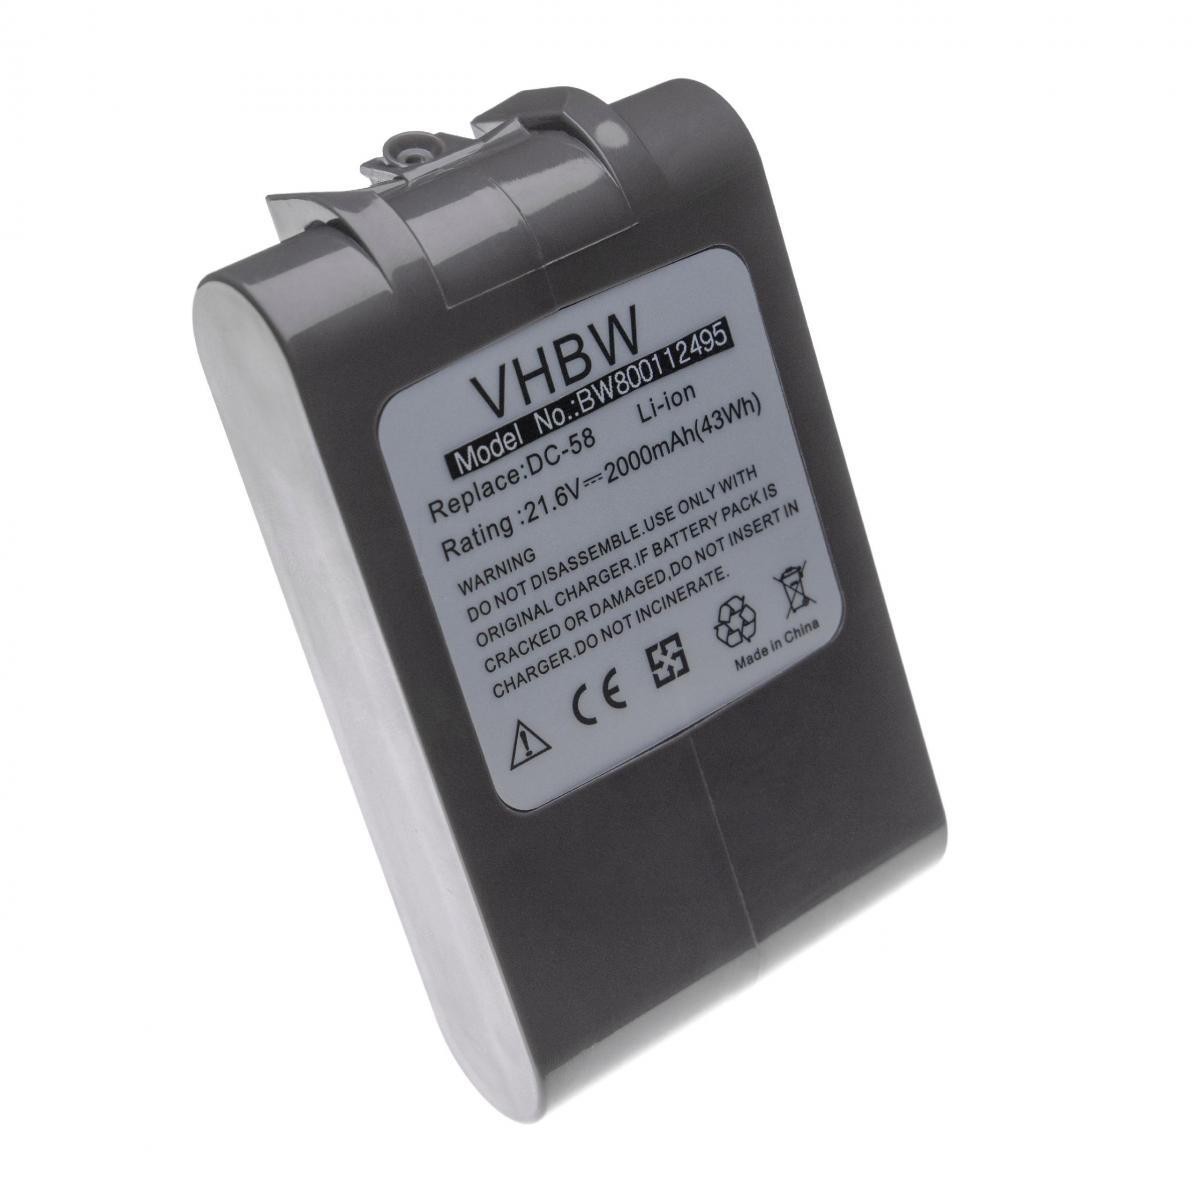 Vhbw vhbw batterie compatible avec Dyson V6 Flexi, V6 Fluffy, V6 Toral Clean, V6 Up Top robot électroménager (2000mAh, 21,6V,